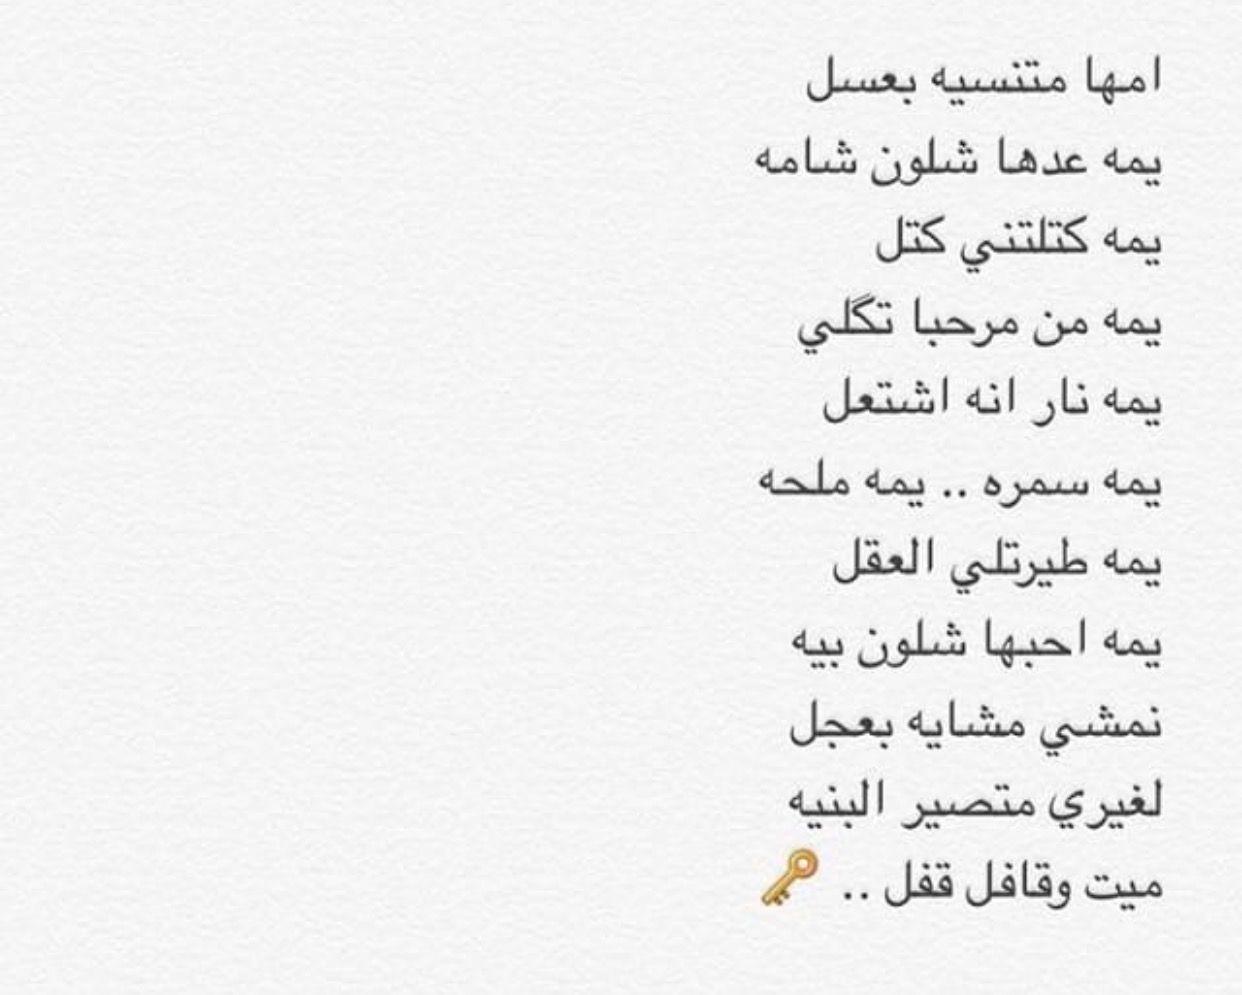 بالصور شعر غزل عراقي , شاهد اجمل الابيات الشعرية فى الغزل 2024 13